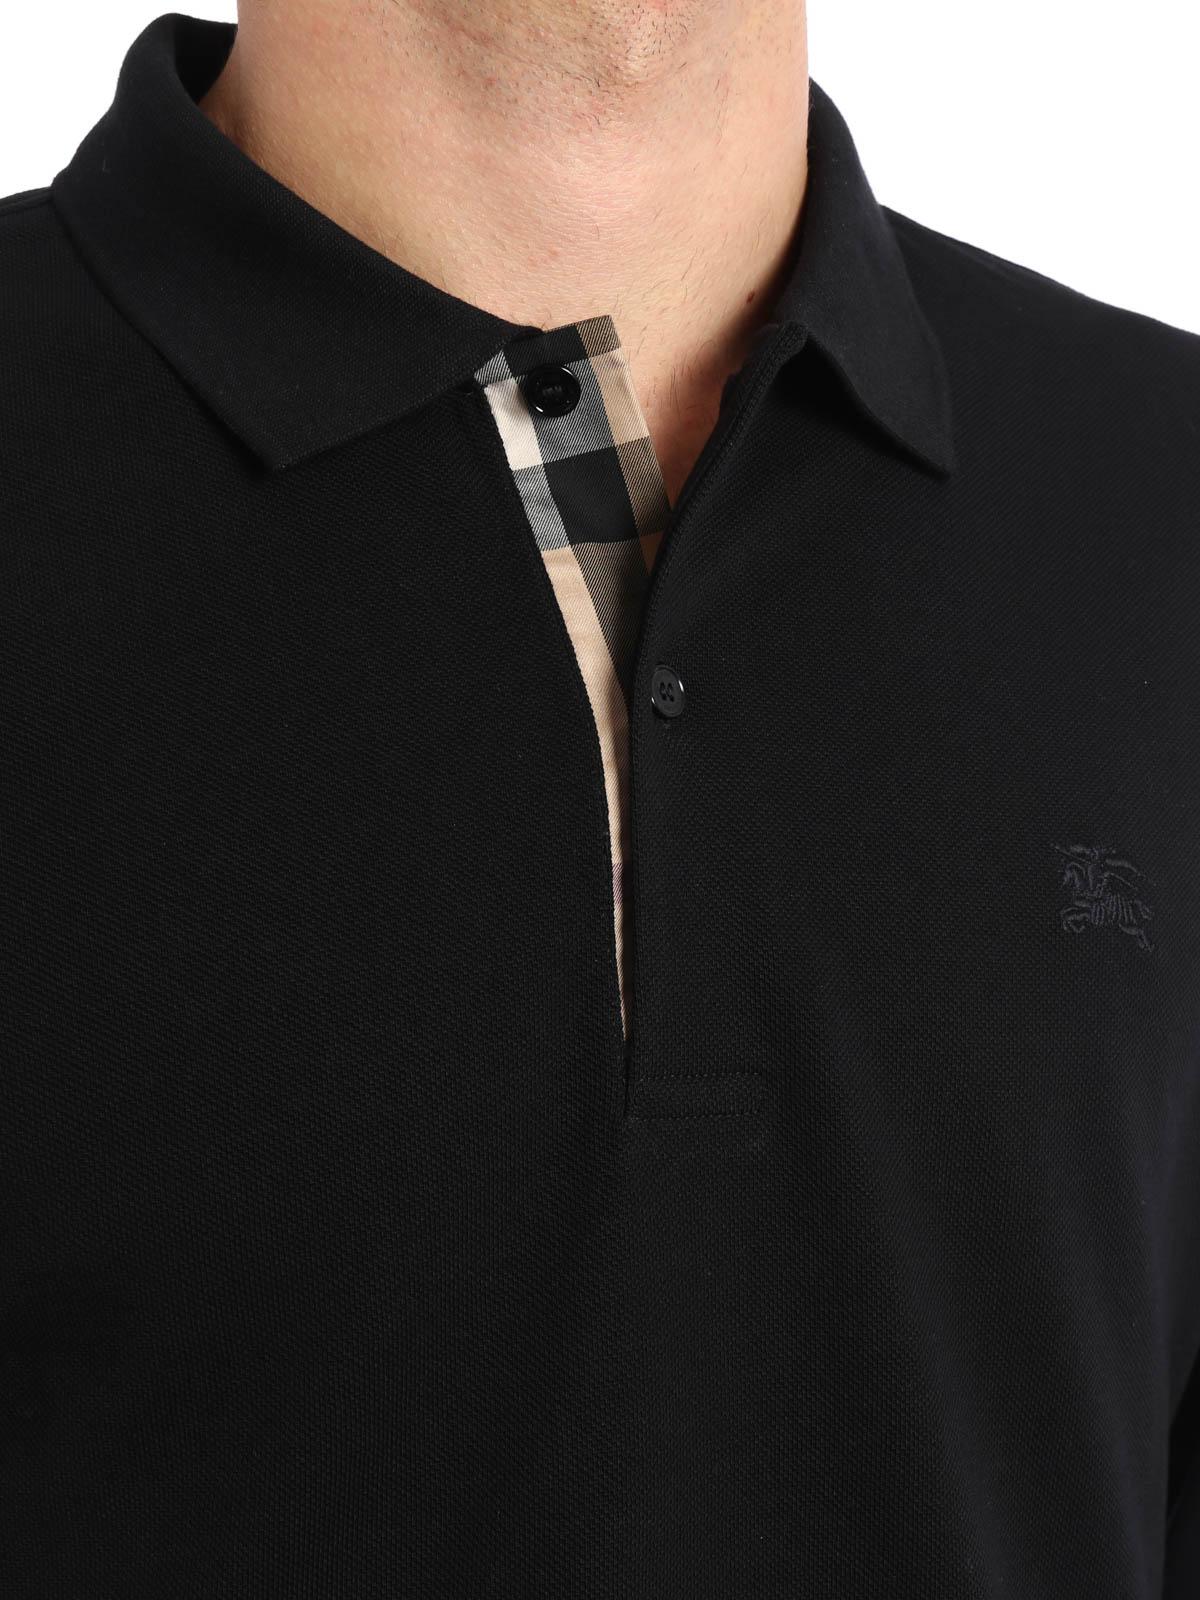 9e0b2fd146b8 Burberry - Polo Noir Pour Homme - Polos - 3982164   iKRIX.com